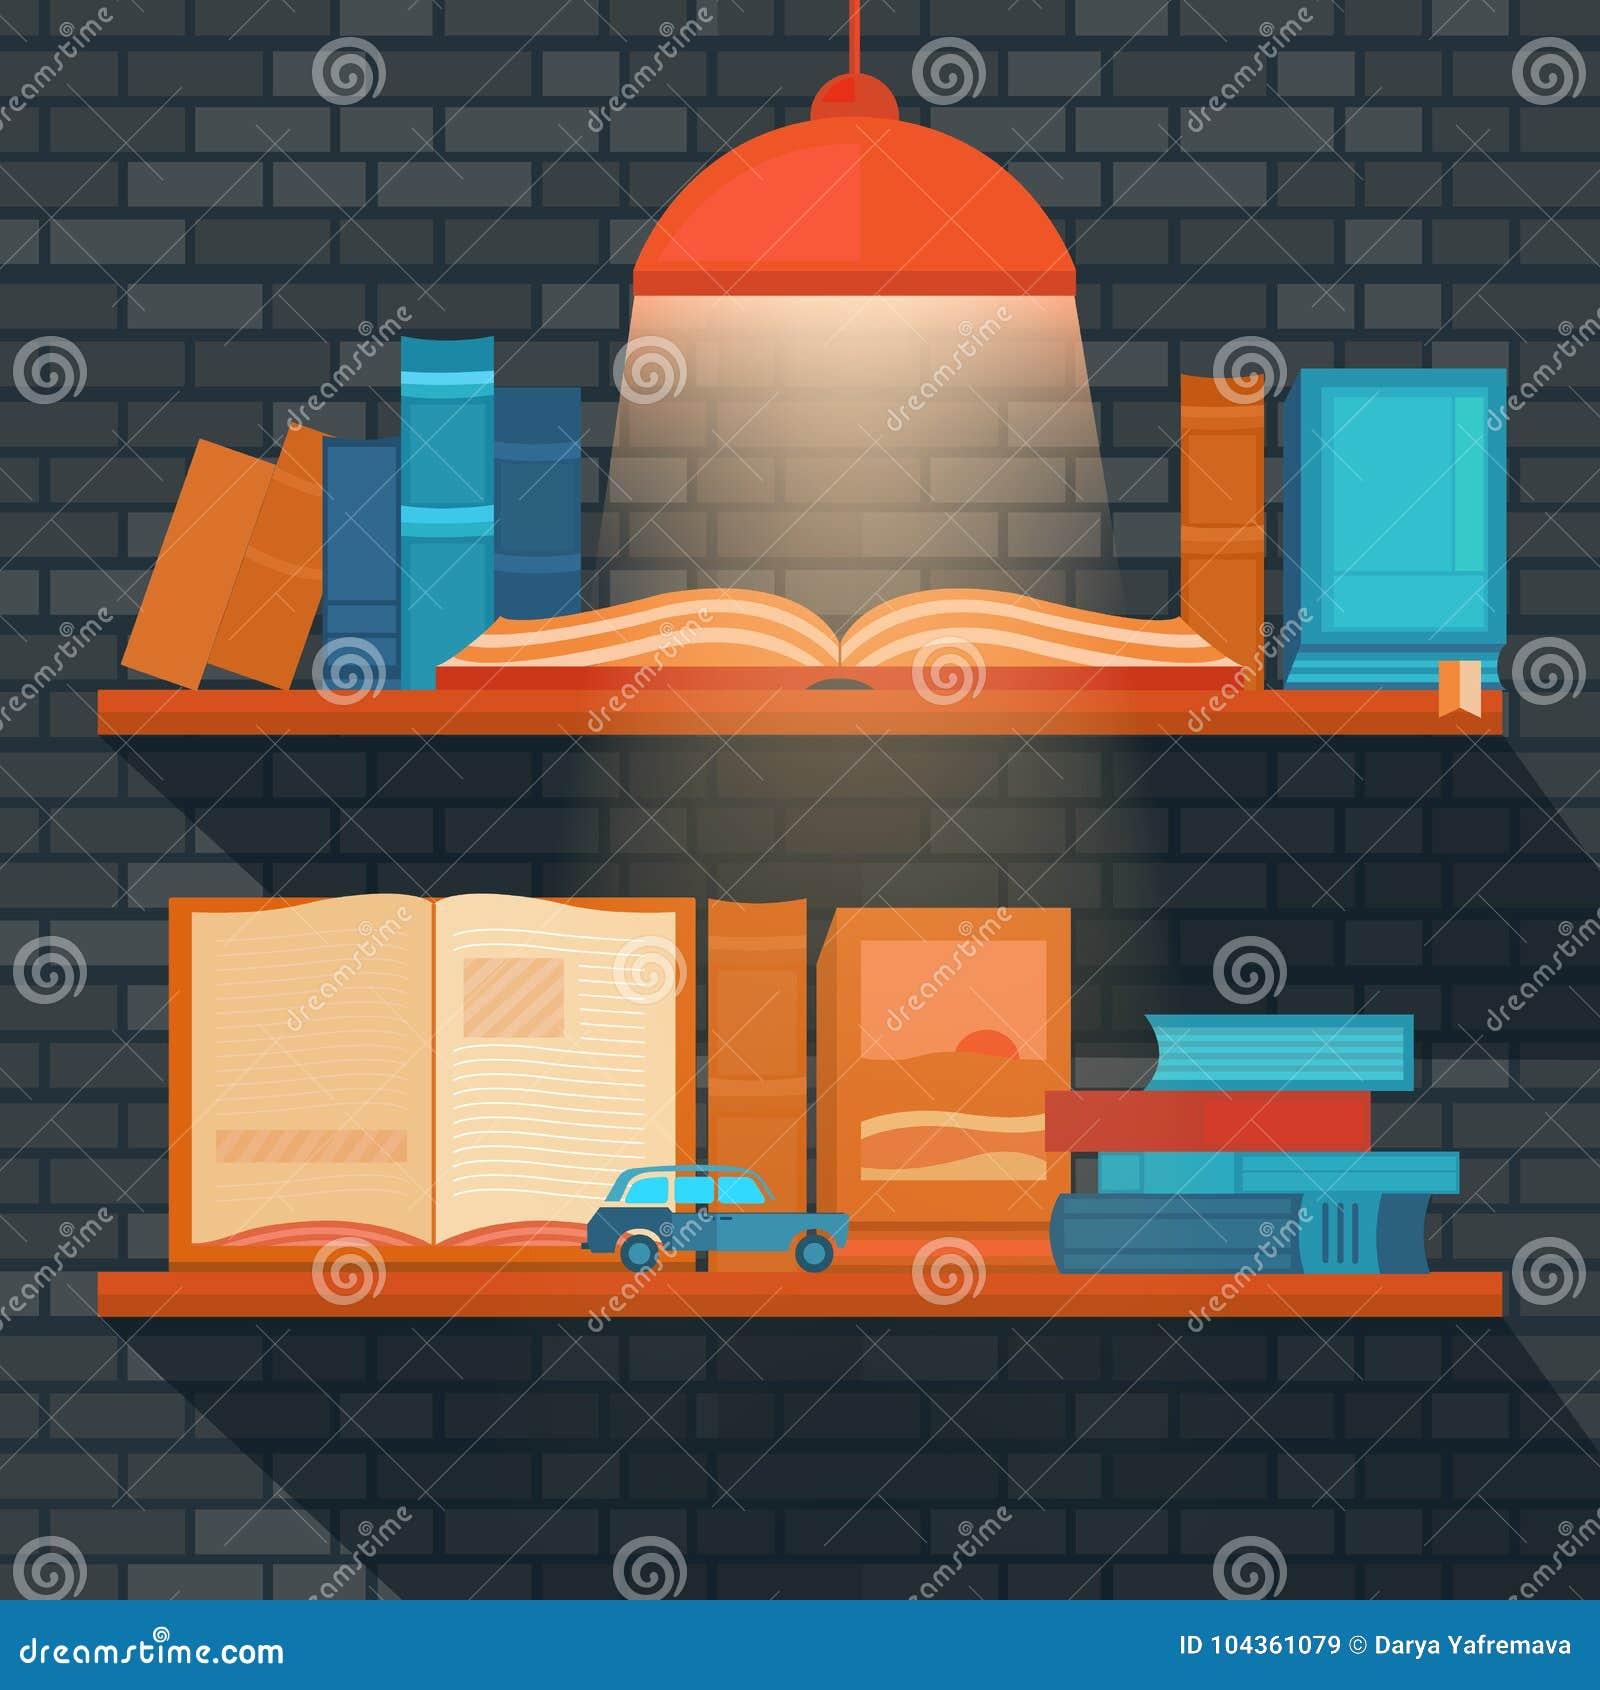 Ebook download bookshelf